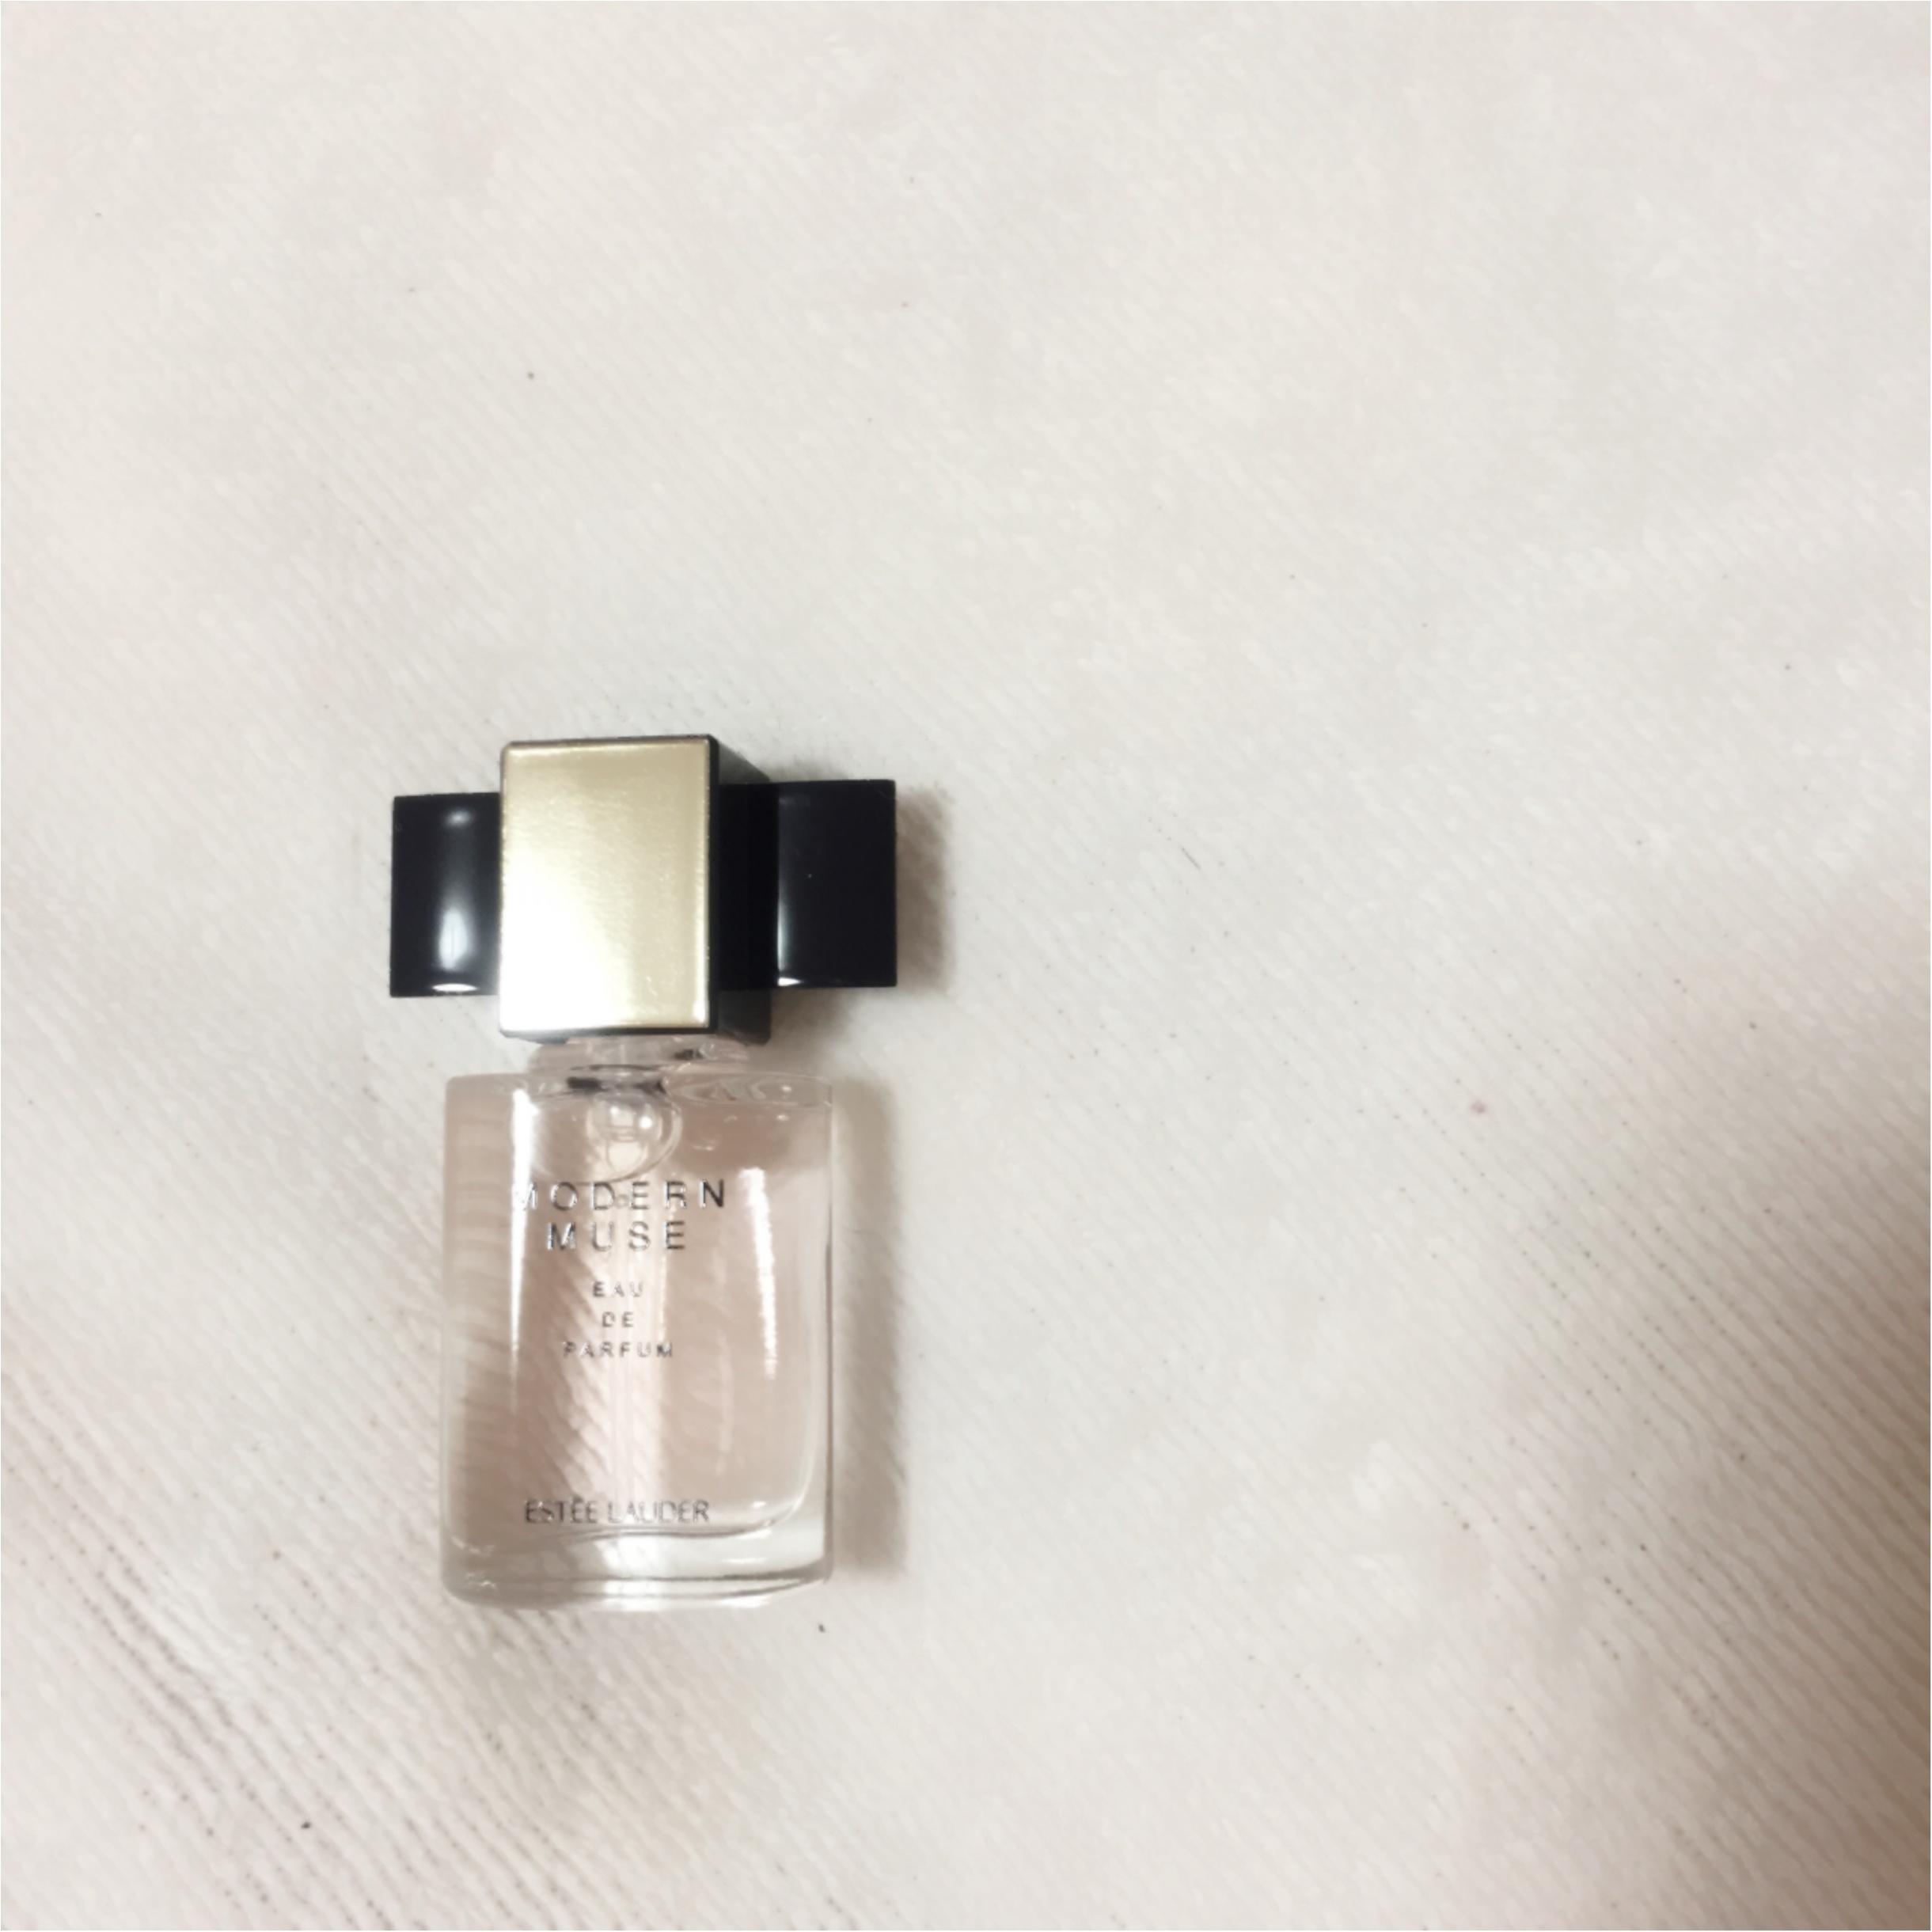 【Beauty】ホリデー限定!Estee Lauderの豪華ファンデーションセットを大公開♪_5